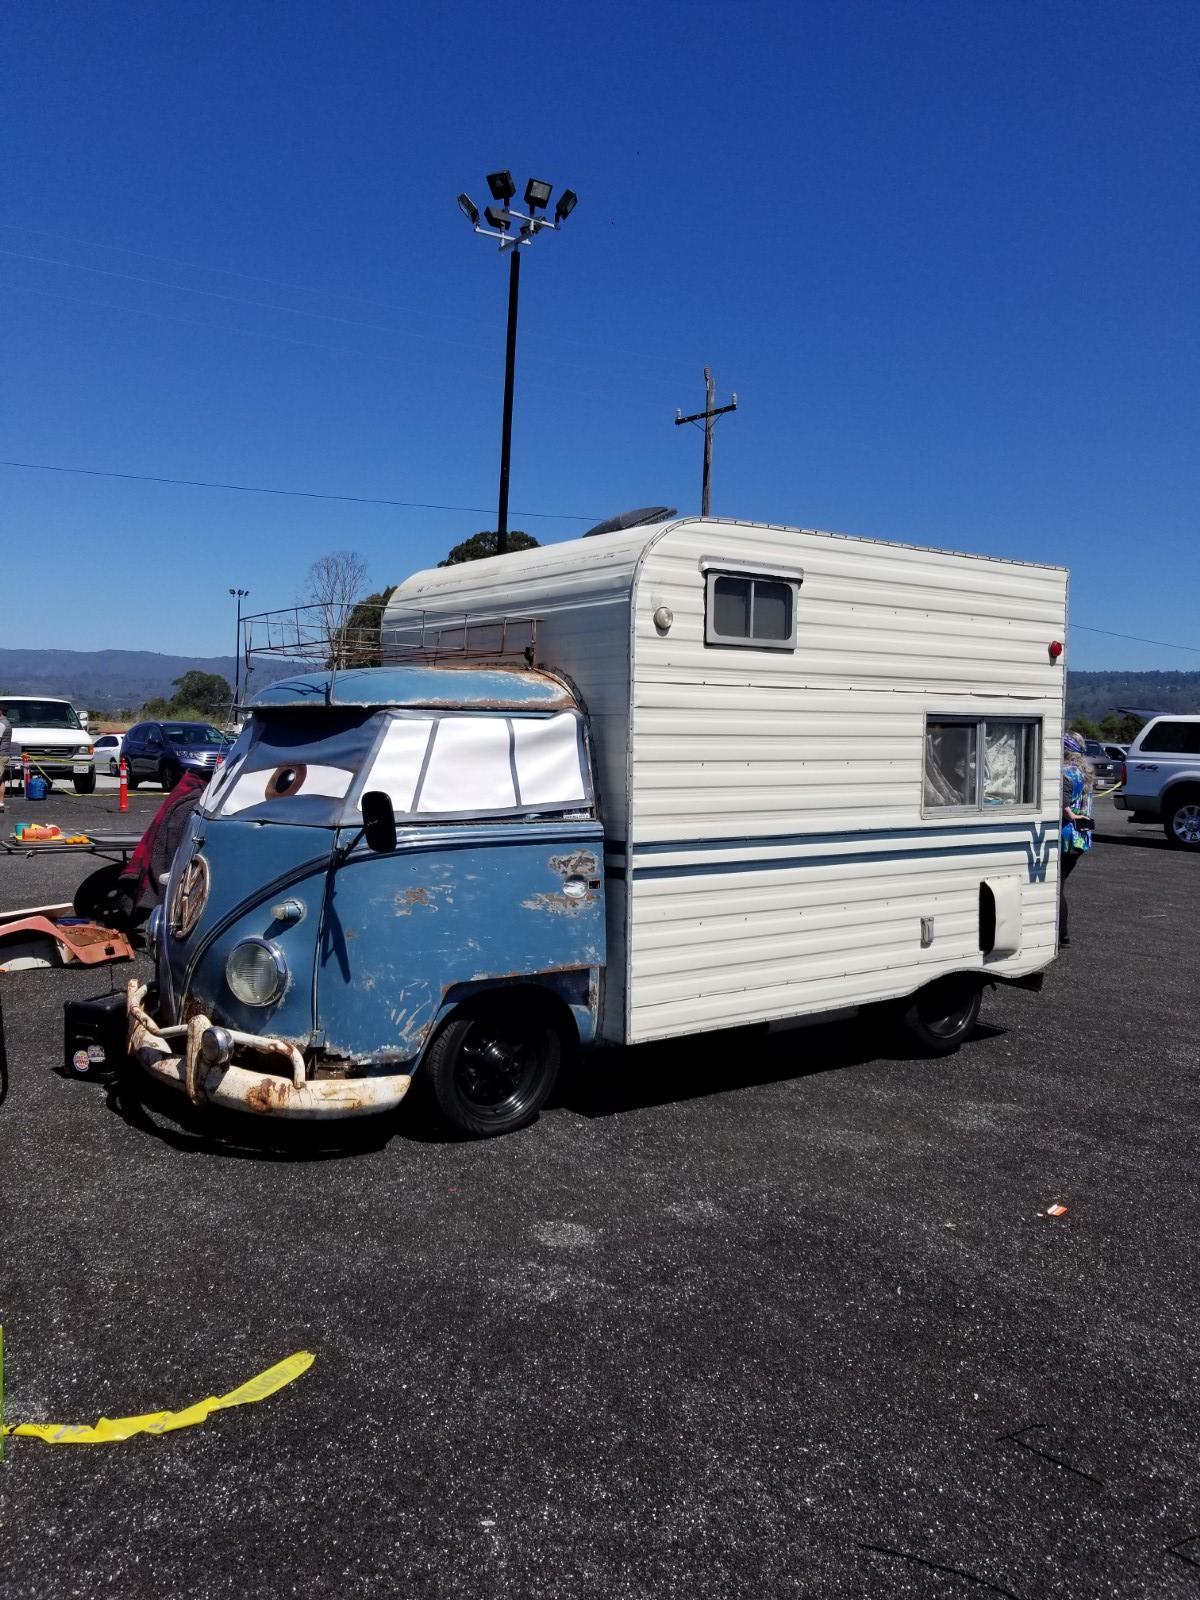 Dove Blue large camper